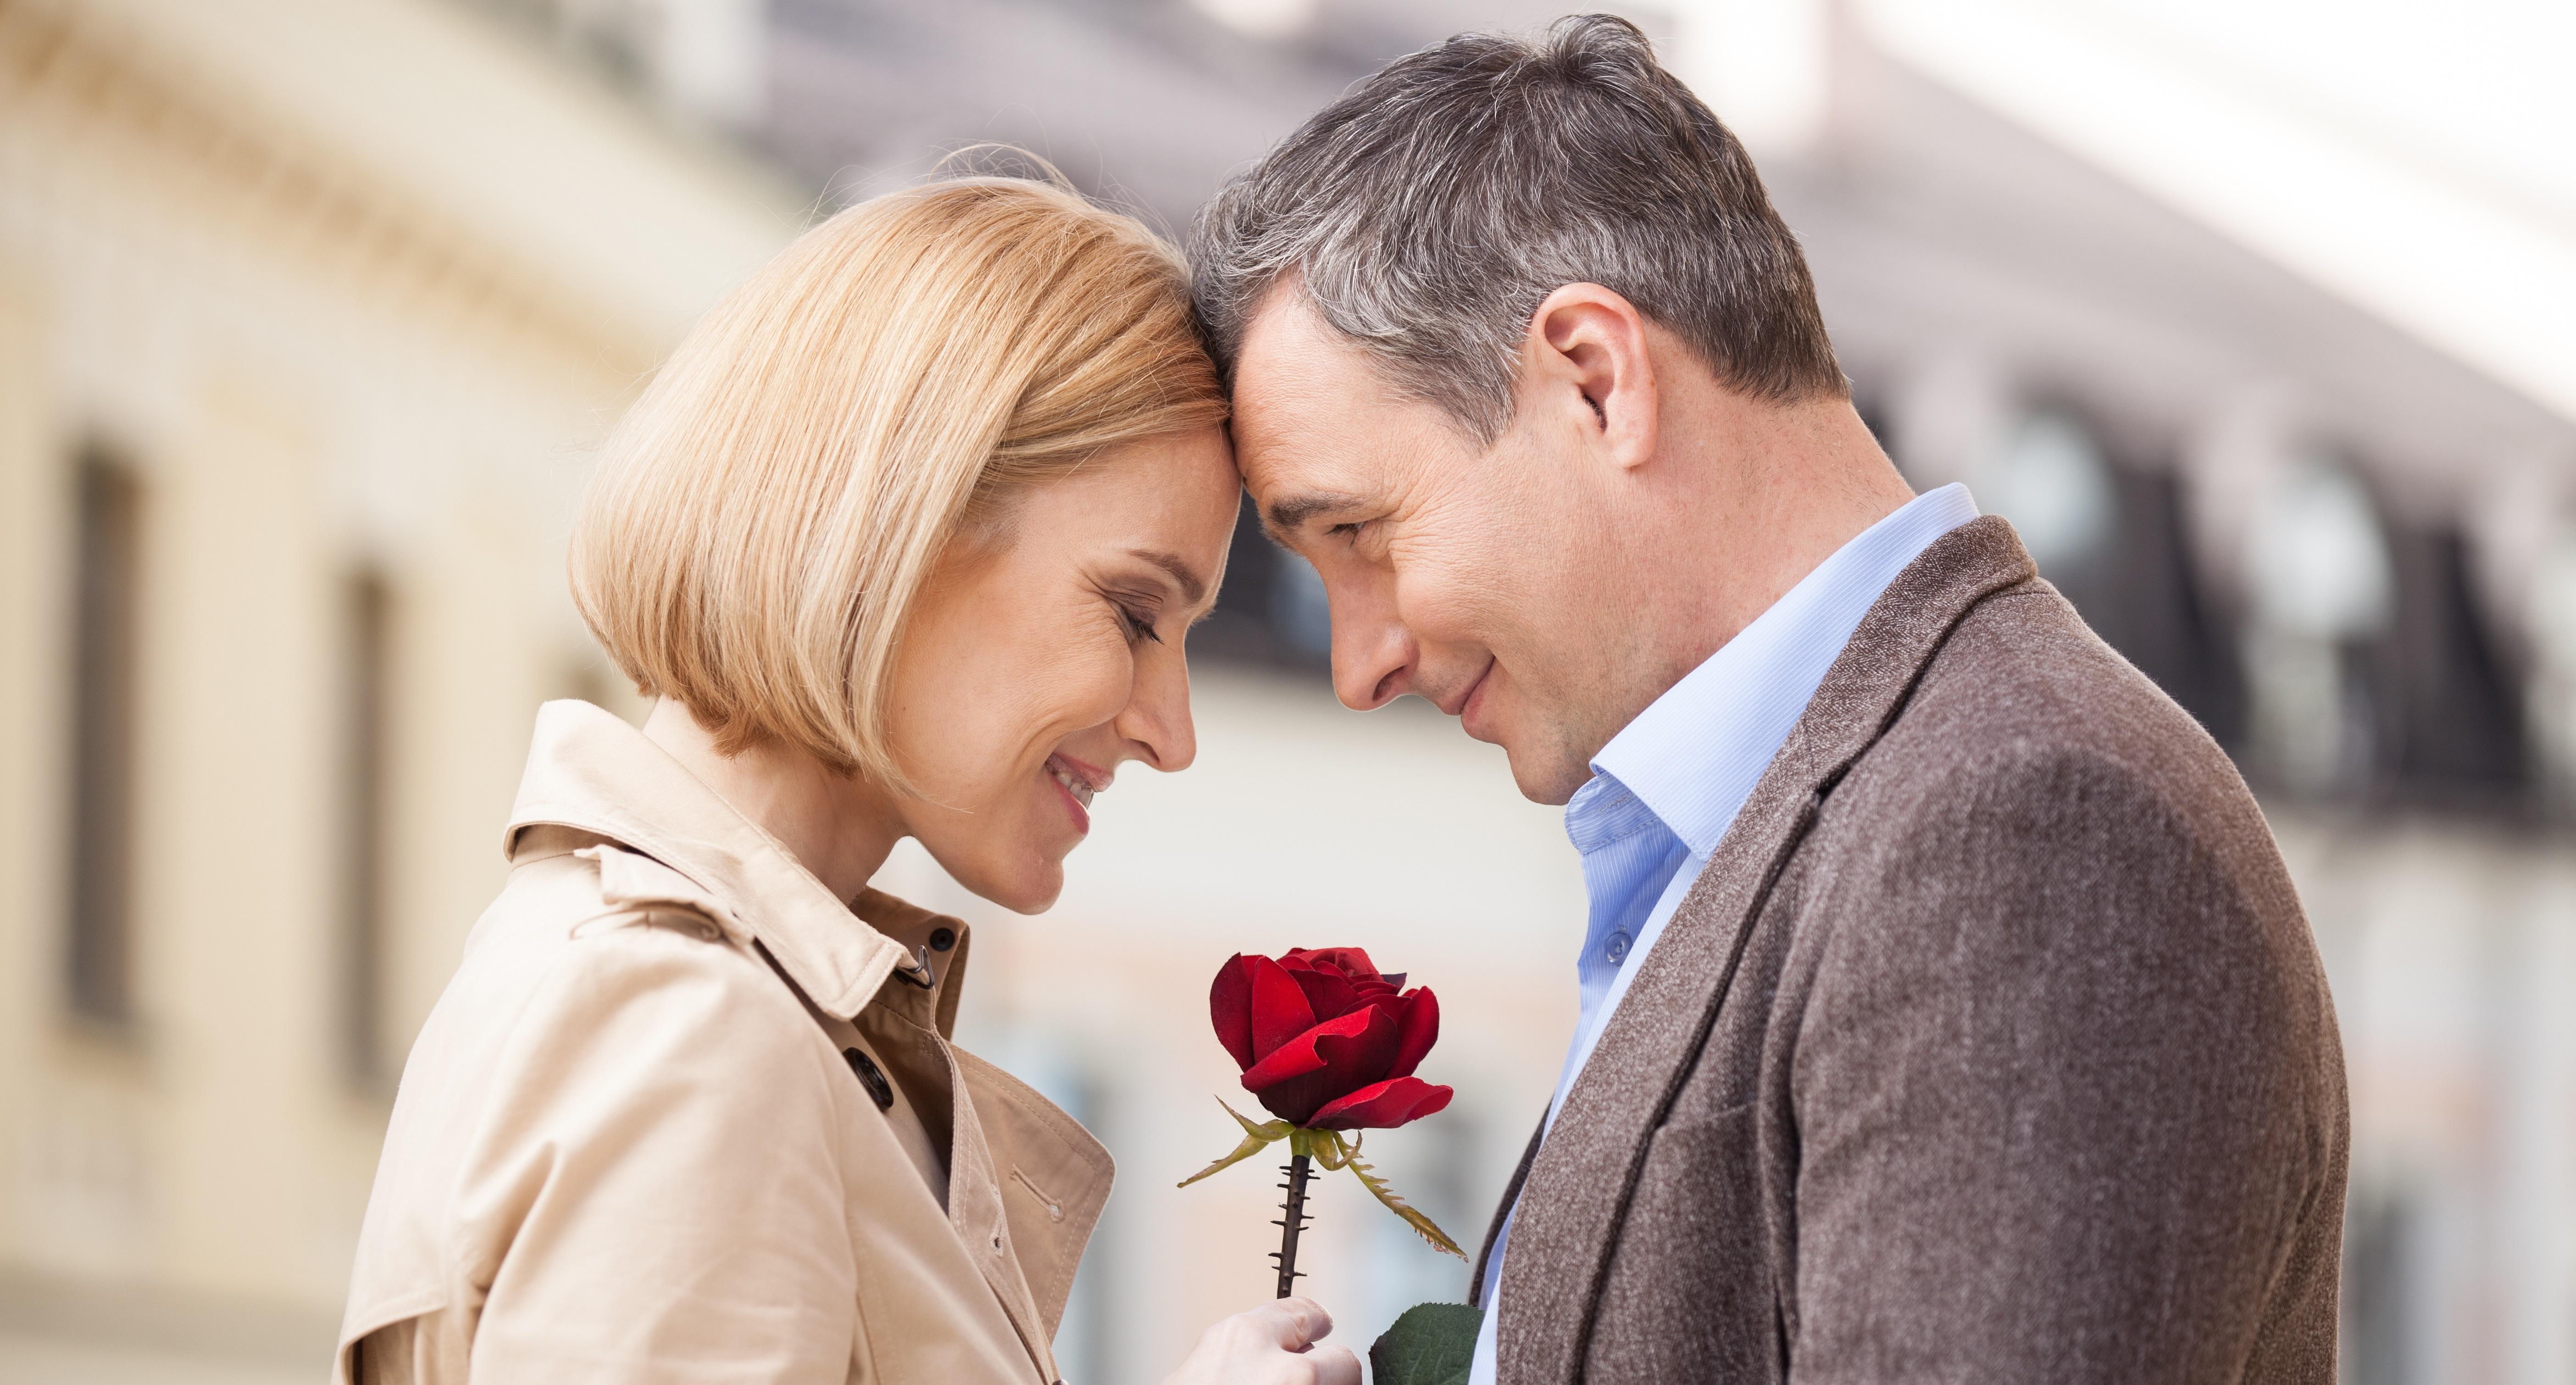 femeile mai în vârstă vor să se întâlnească)